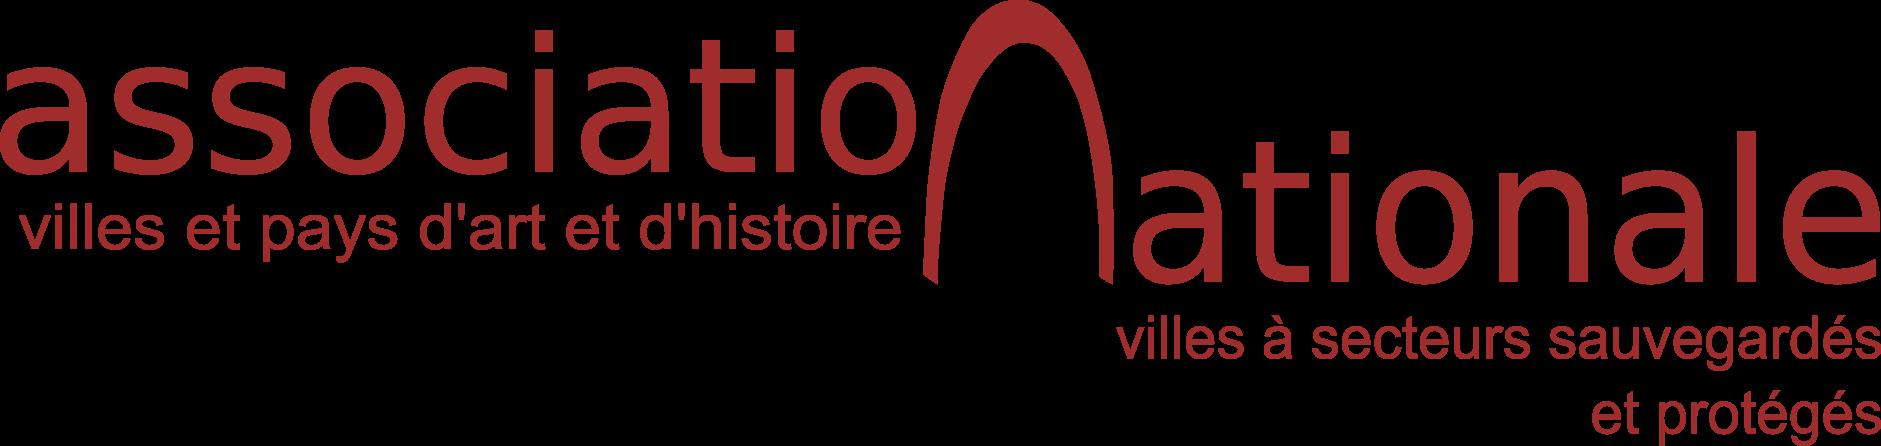 Association-Nationale-Villes-et-Pays-Art-et-Histoire.png